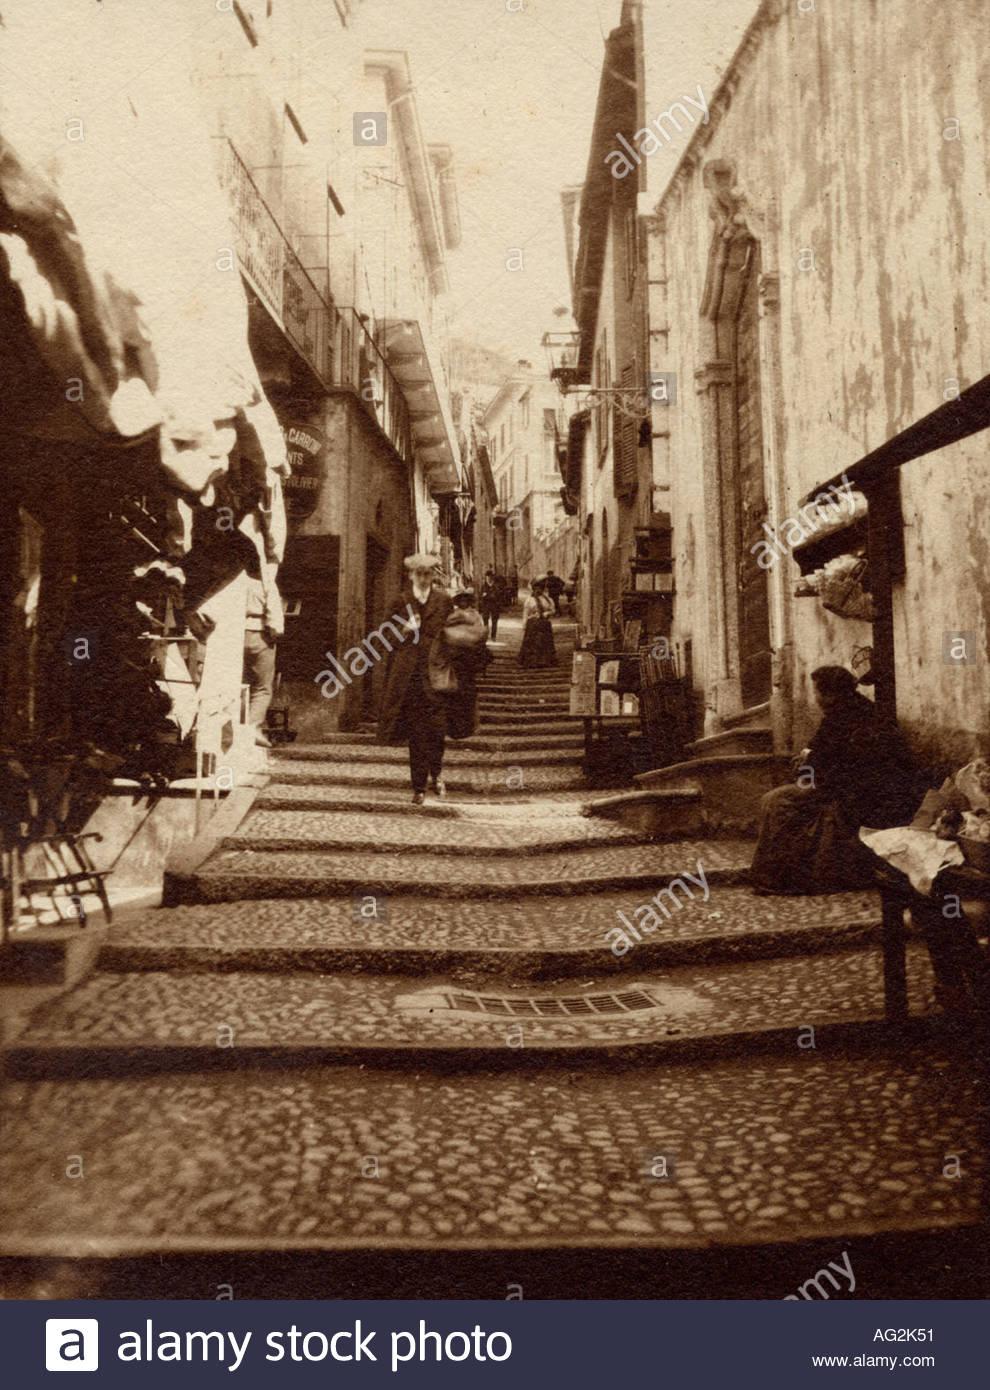 firenza milan italy circa 1920 1921 1922 1923 1924 1925 1926 - Stock Image